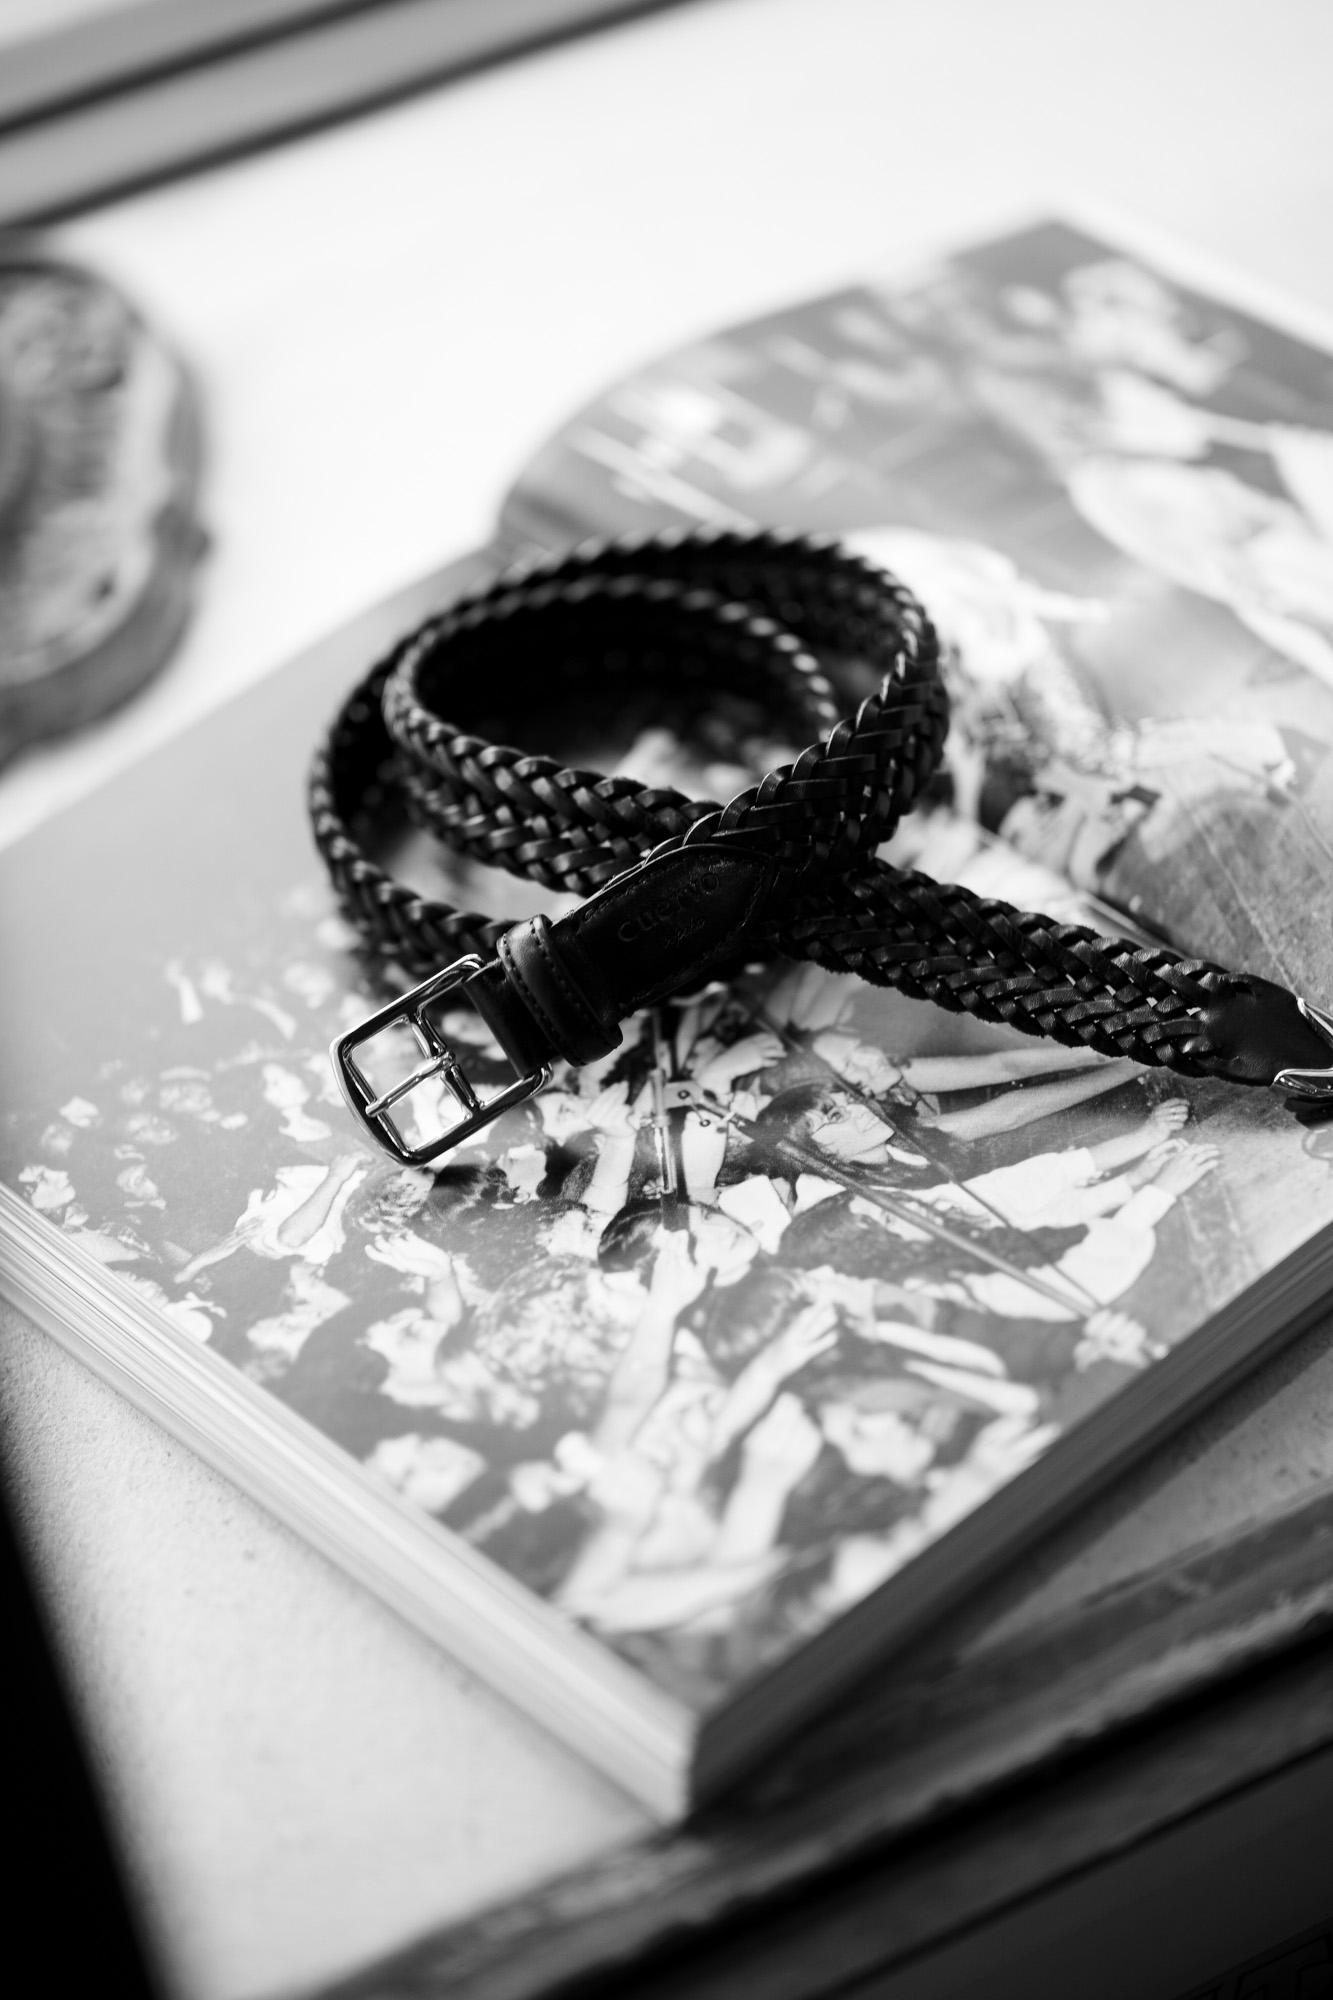 cuervo bopoha クエルボ ヴァローナ Sartoria Collection サルトリア コレクション Lance ランス Cow Hide Leather カウハイド レザー メッシュベルト BLACK ブラック Made in Italy イタリア製 2021 愛知 名古屋 altoediritto アルトエデリット ベルト 編み込みベルト Andy Warhol アンディウォーホル